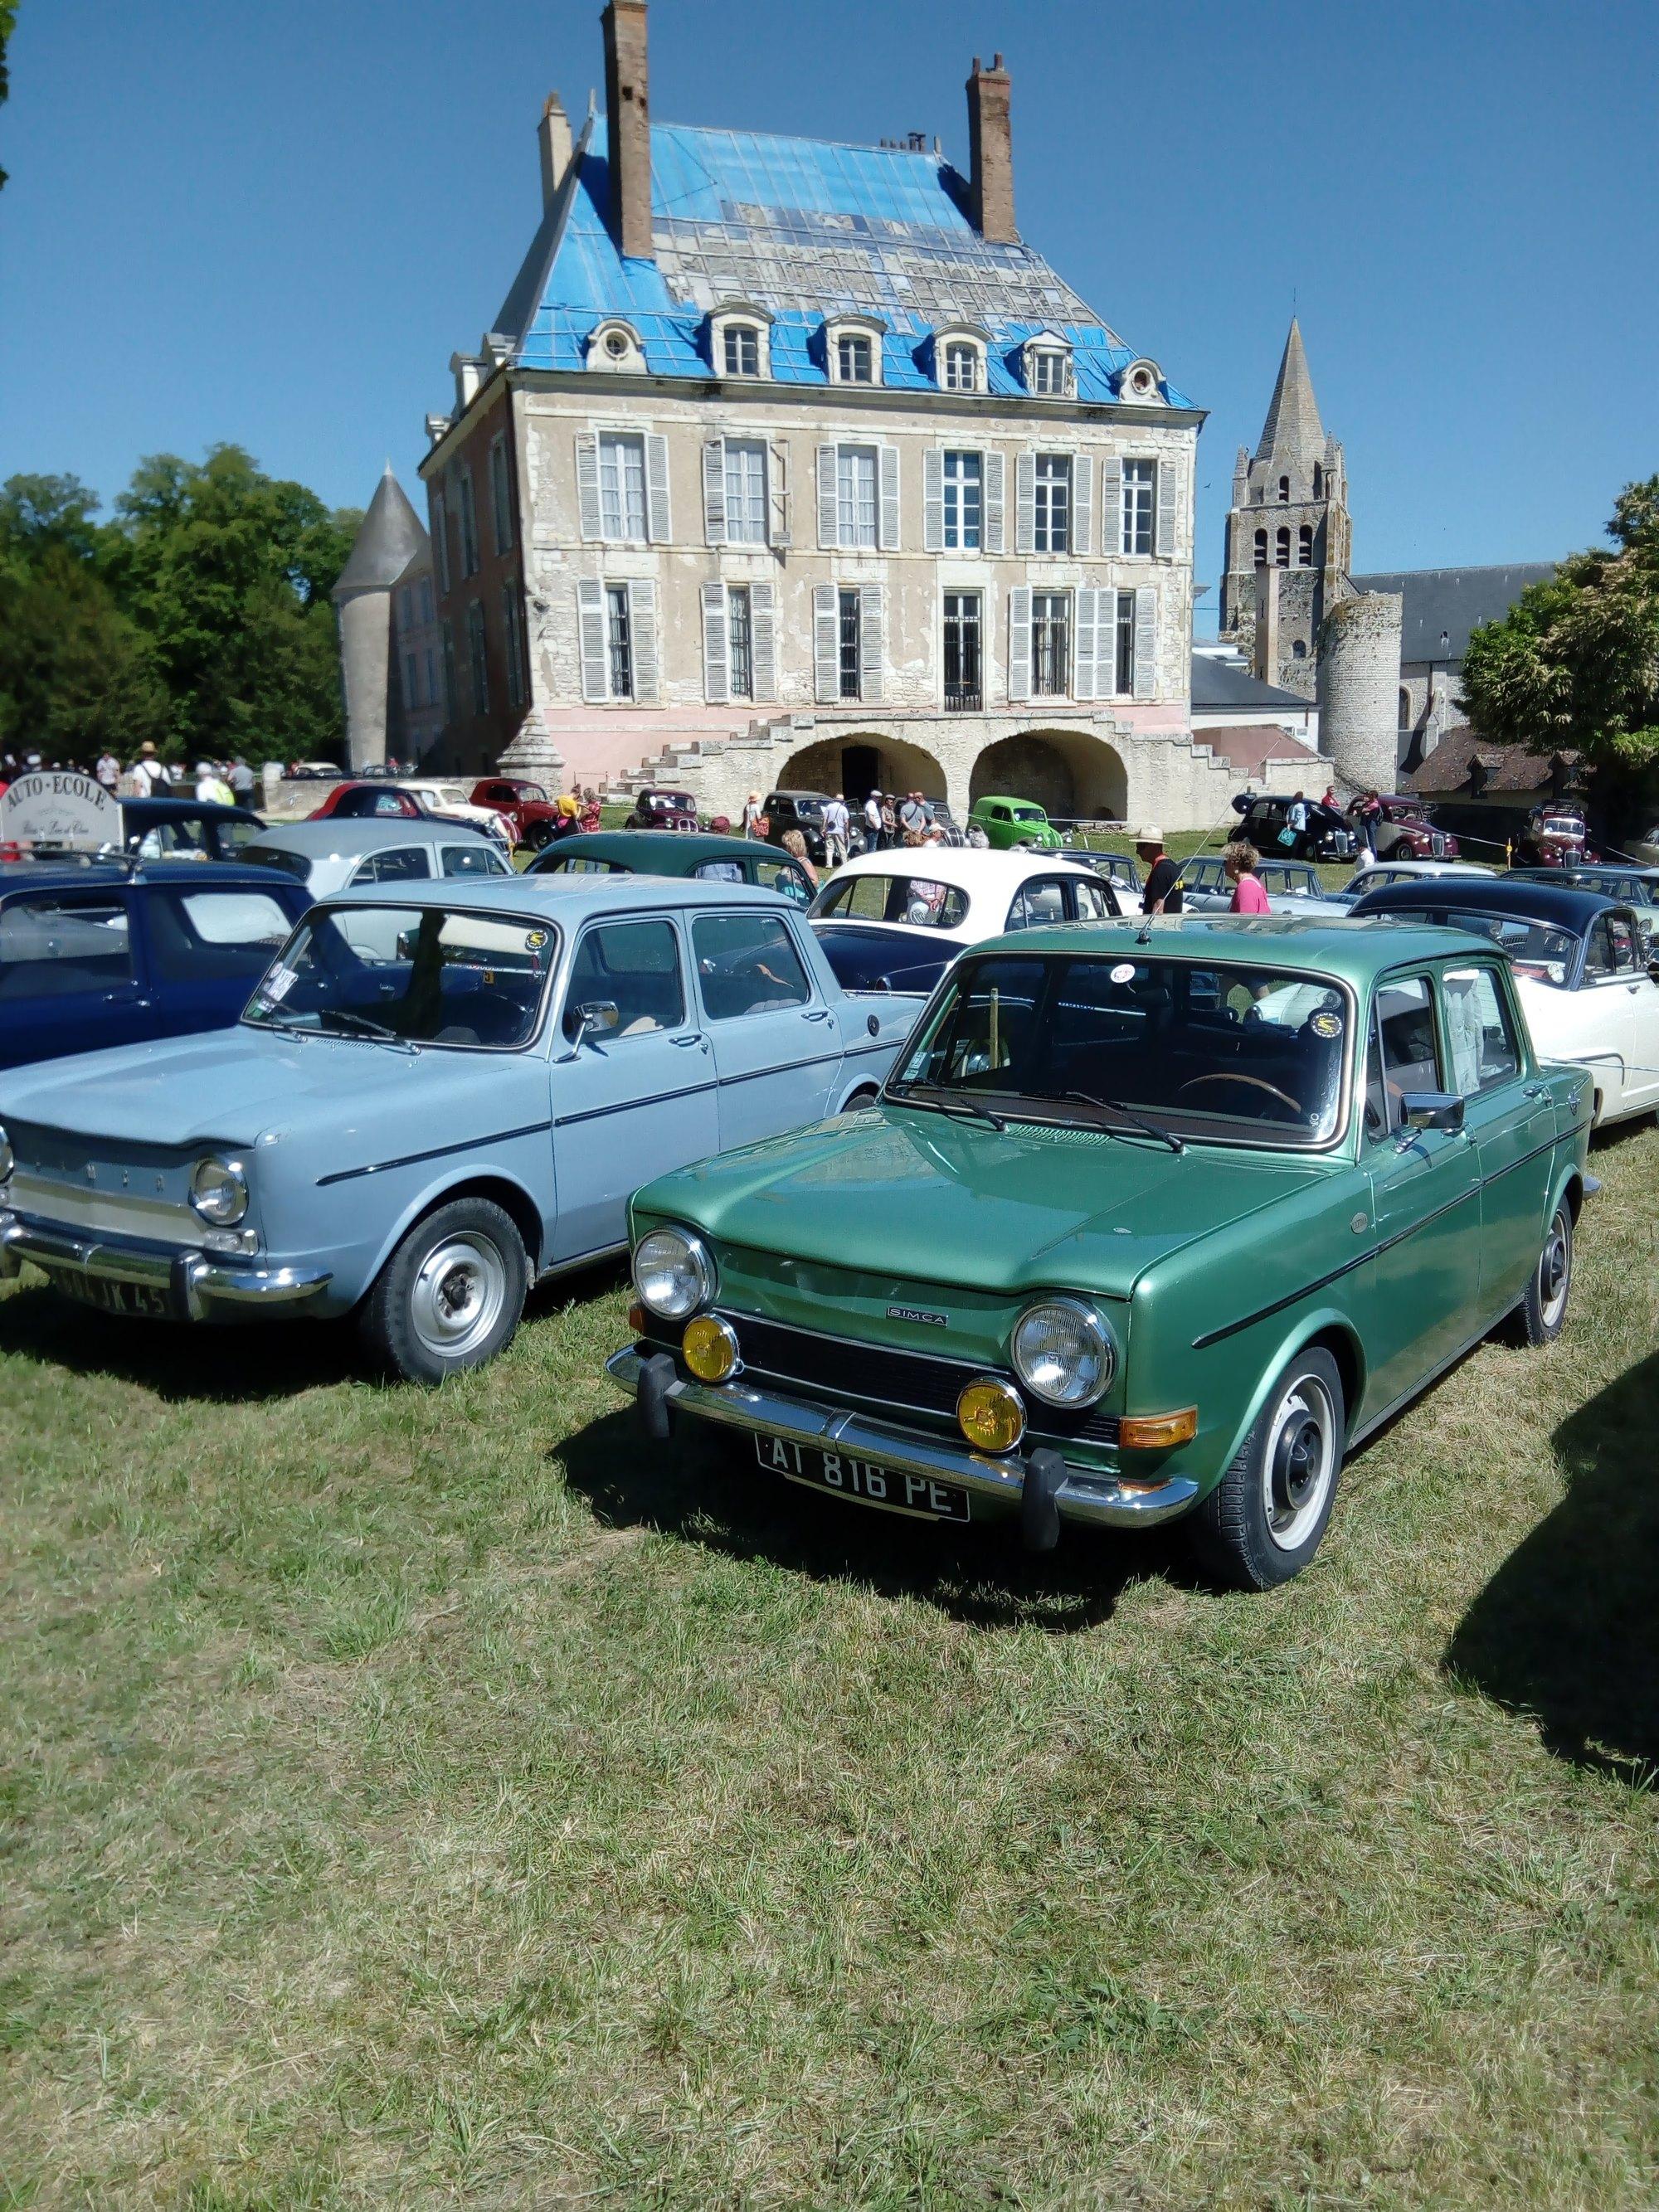 National France 2019 à Meung-sur-Loire